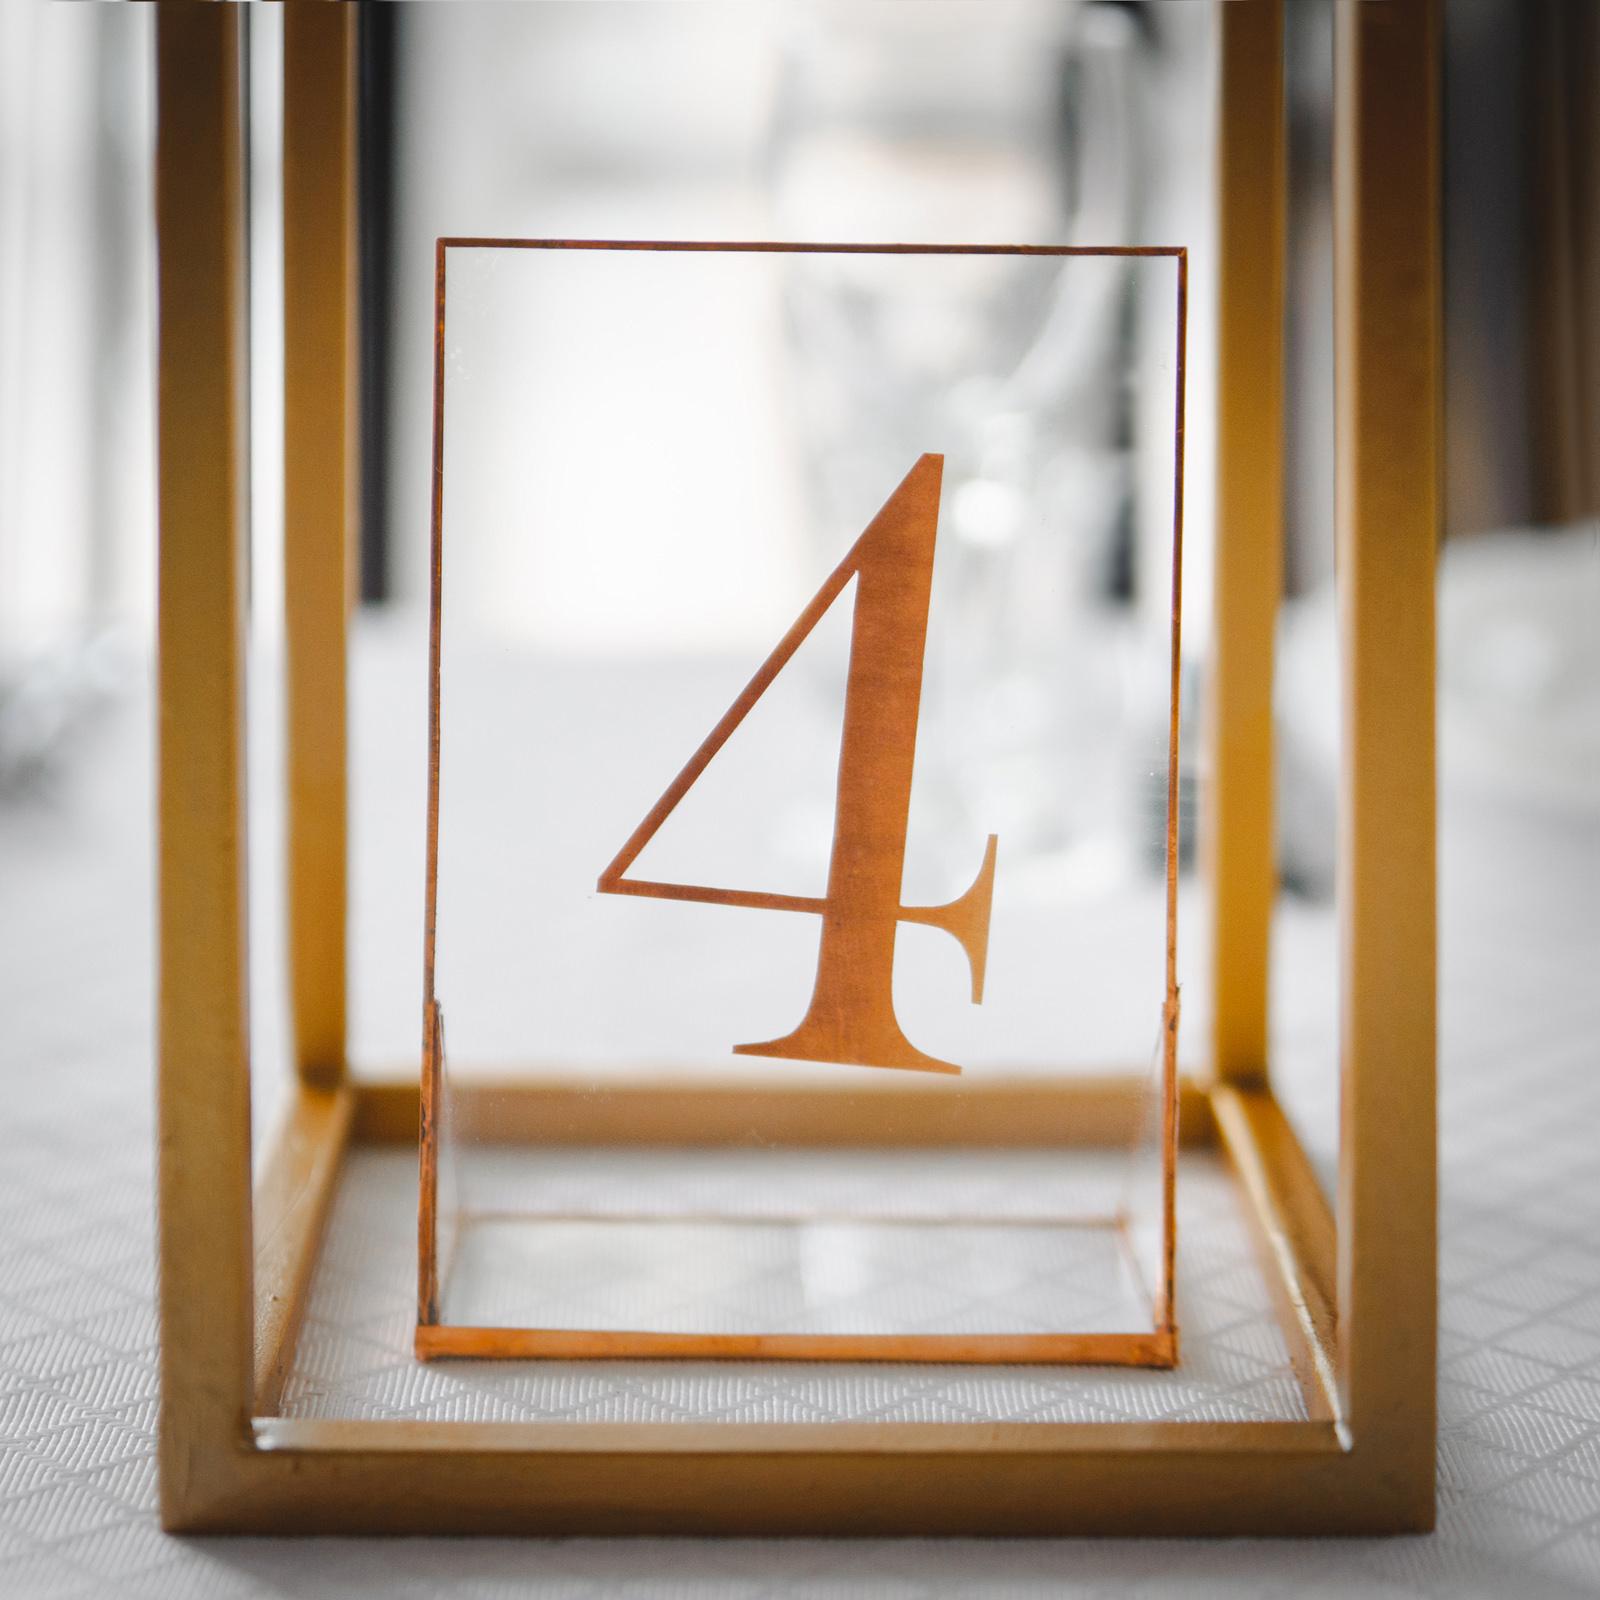 Нумерация столов гостей выполнена в виде номерка на прозрачной подставке поставленного в основание подставки для цветов